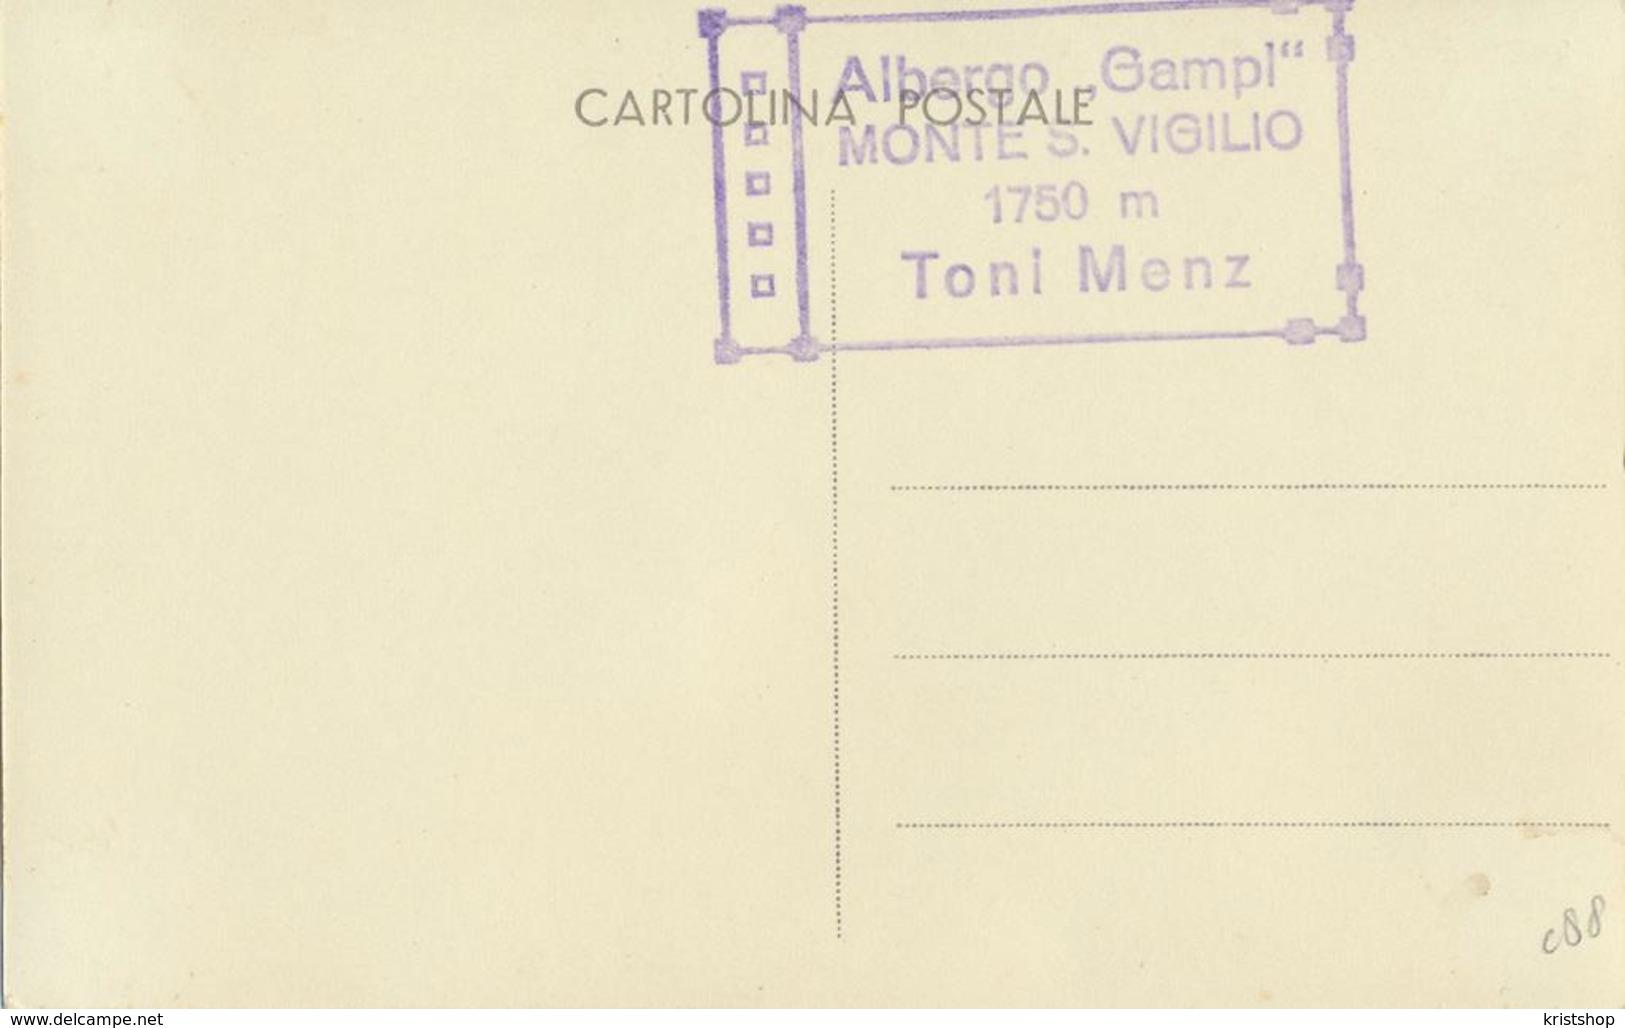 Alberto Gampi - Monte S. Vigilio - Toni Menz [AA20-2.088 - Italie